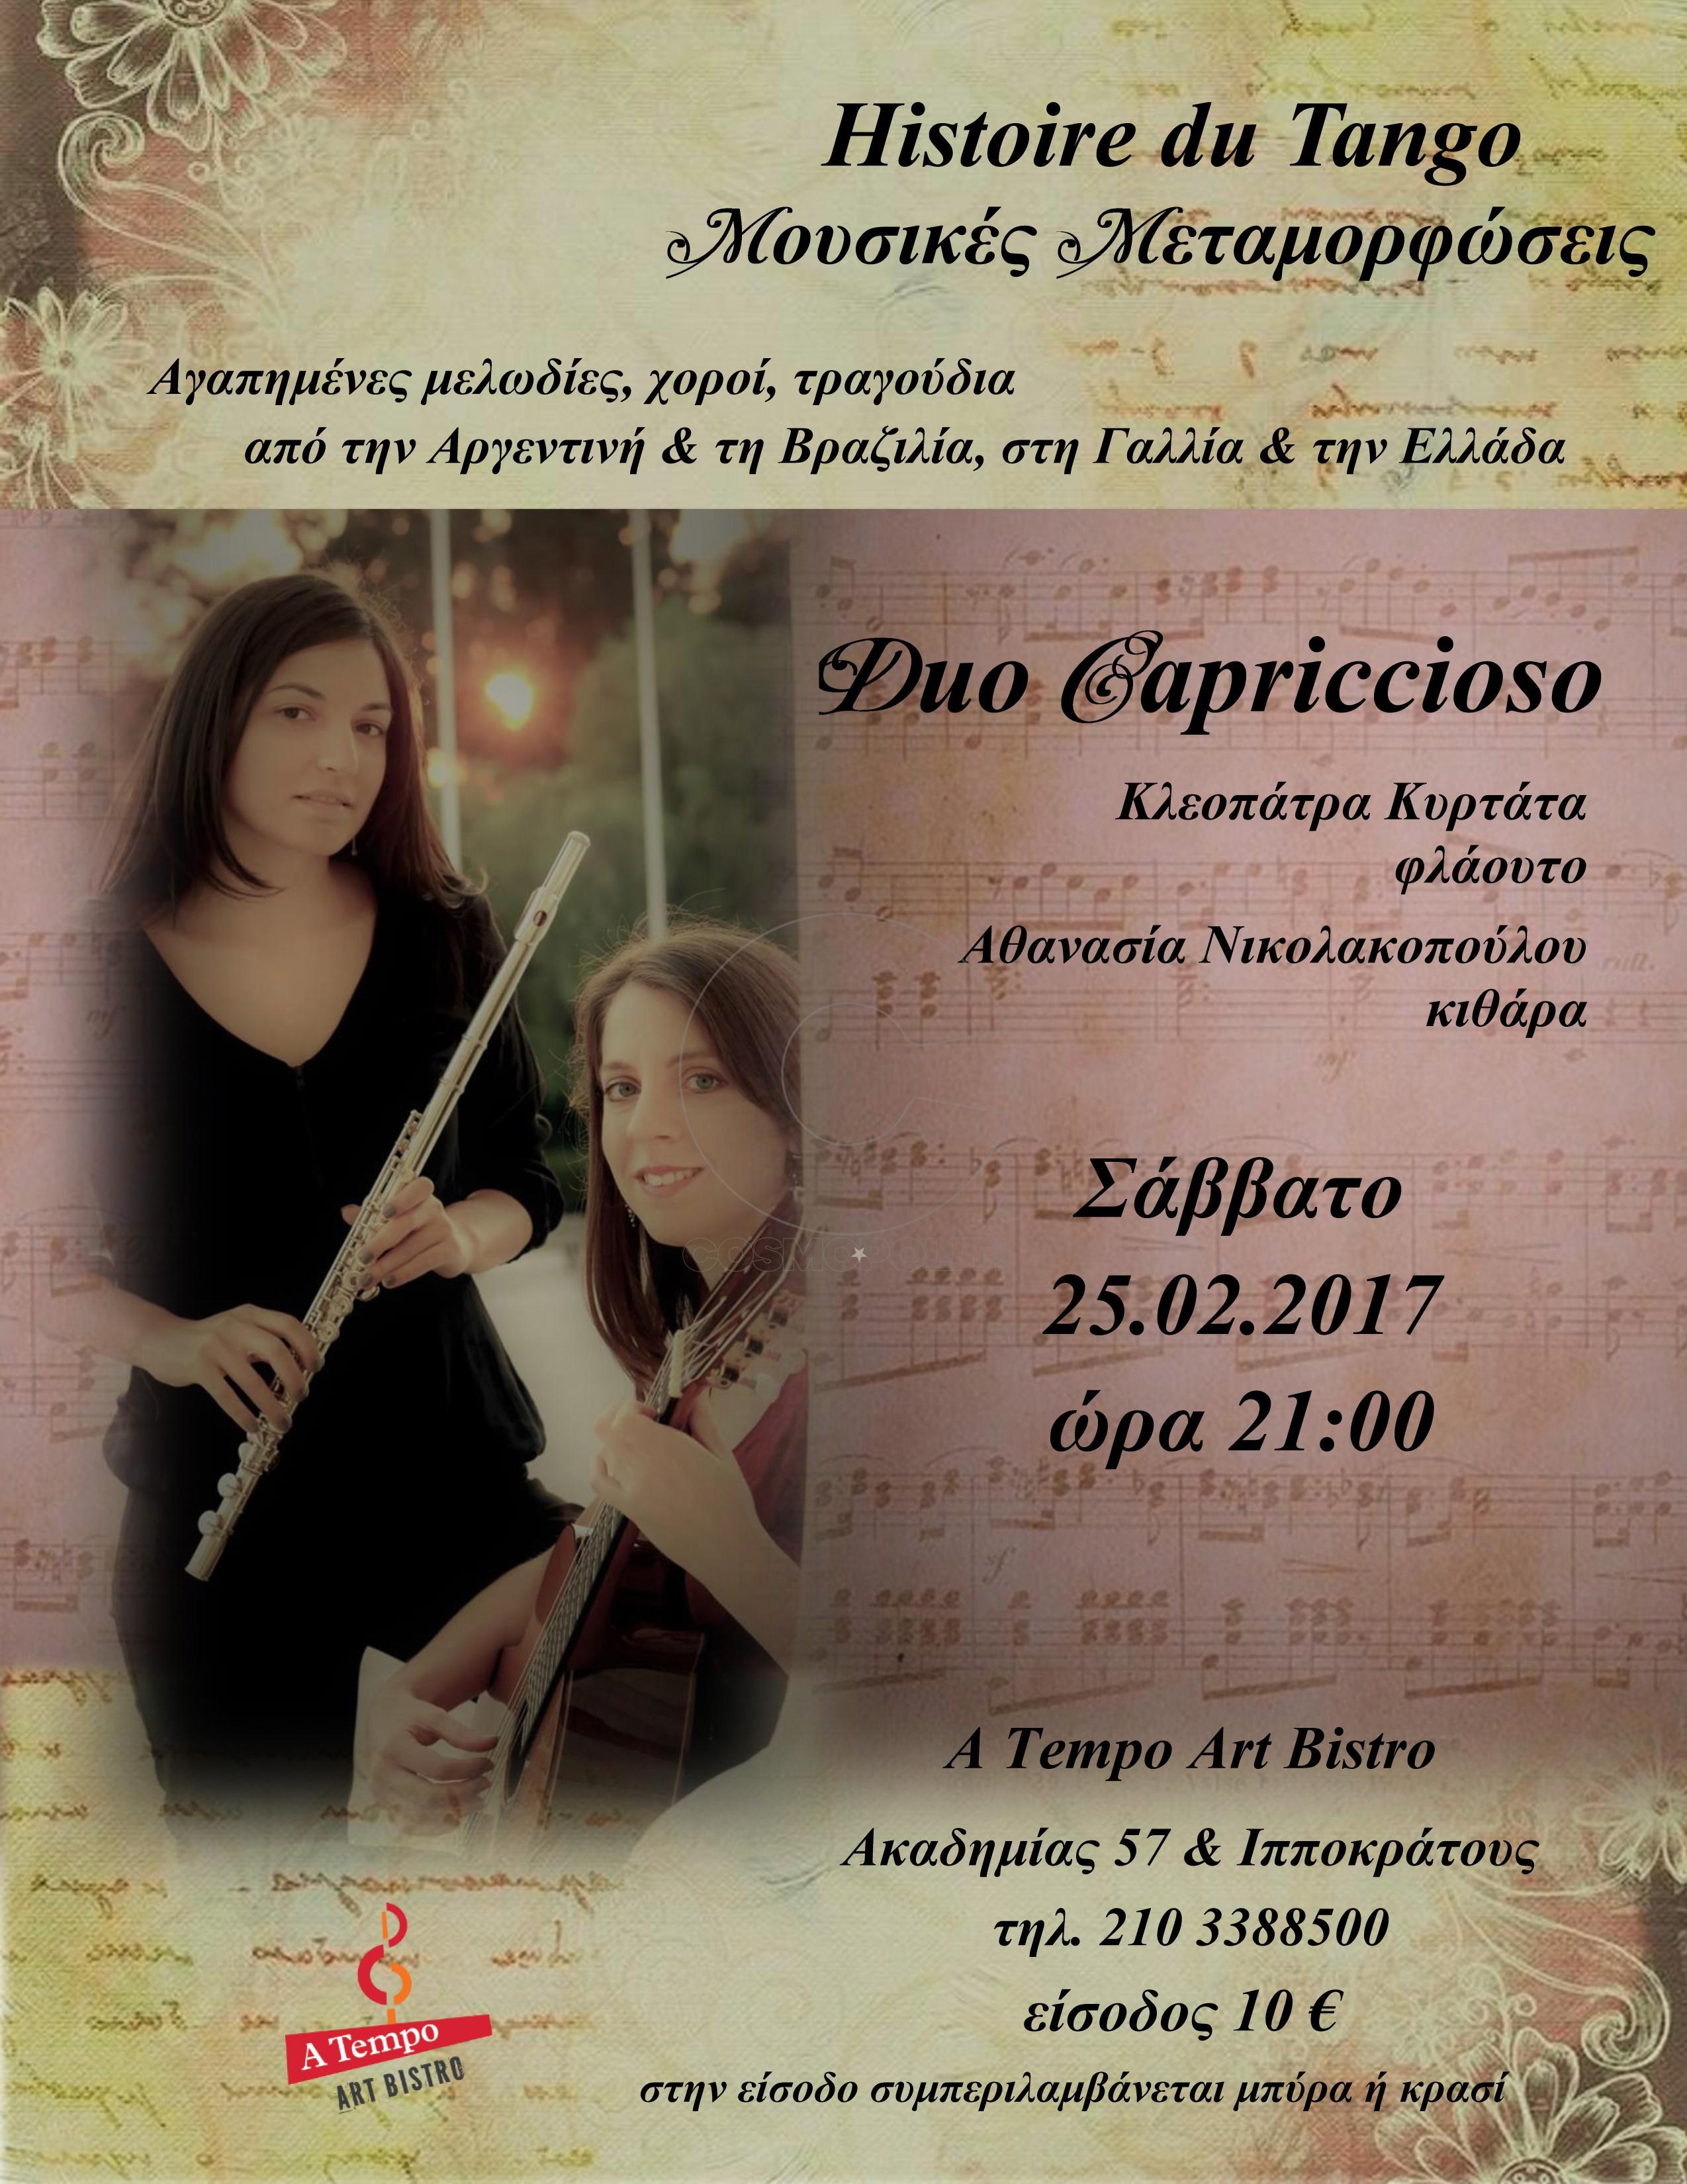 Histoire du Tango, Duo Capriccioso